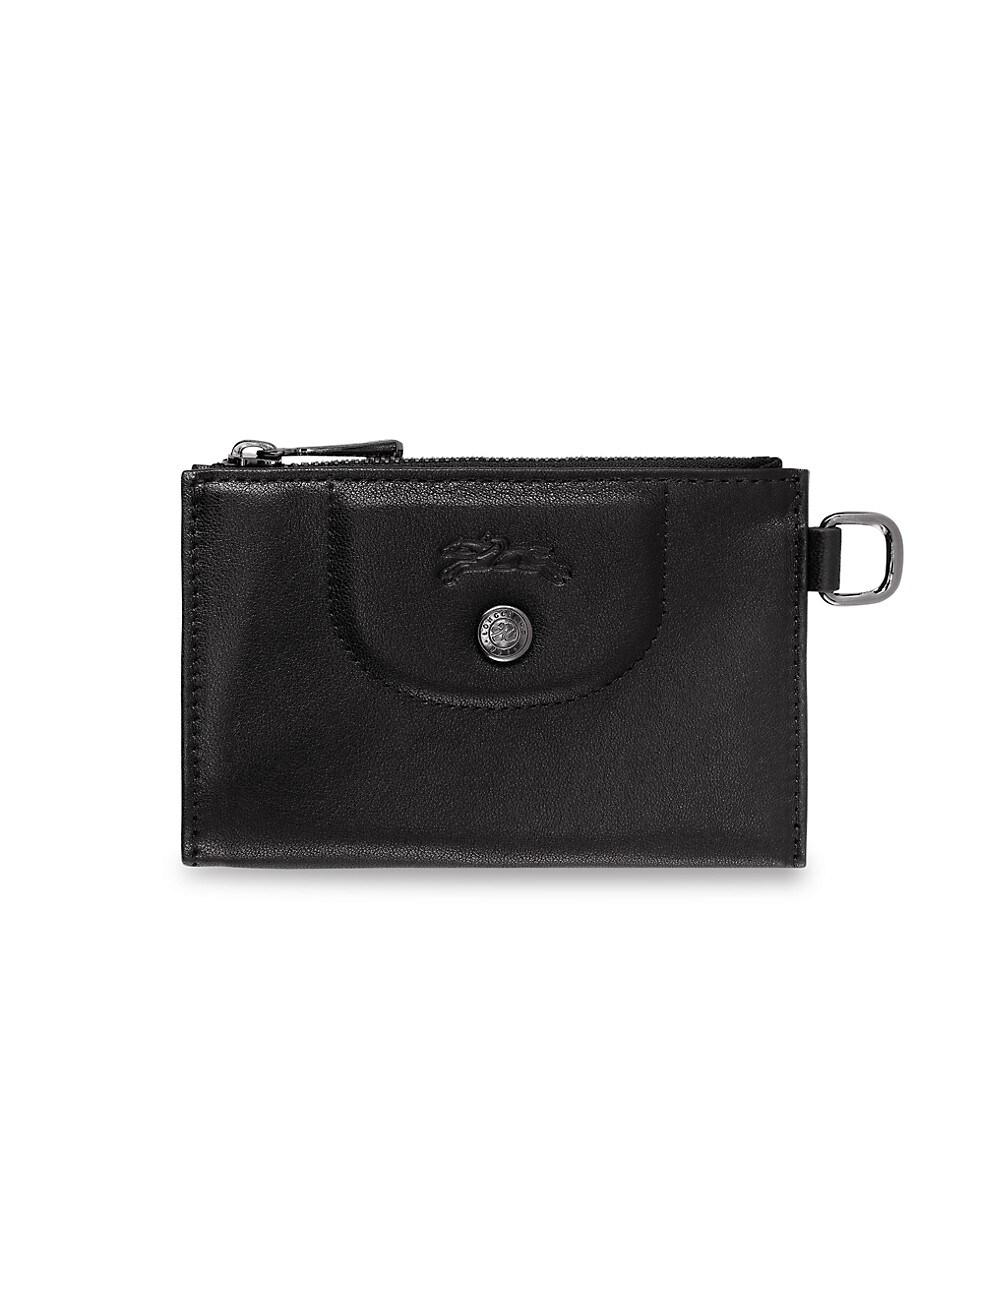 롱샴 파우치 Longchamp Le Pliage Leather Key Case,BLACK